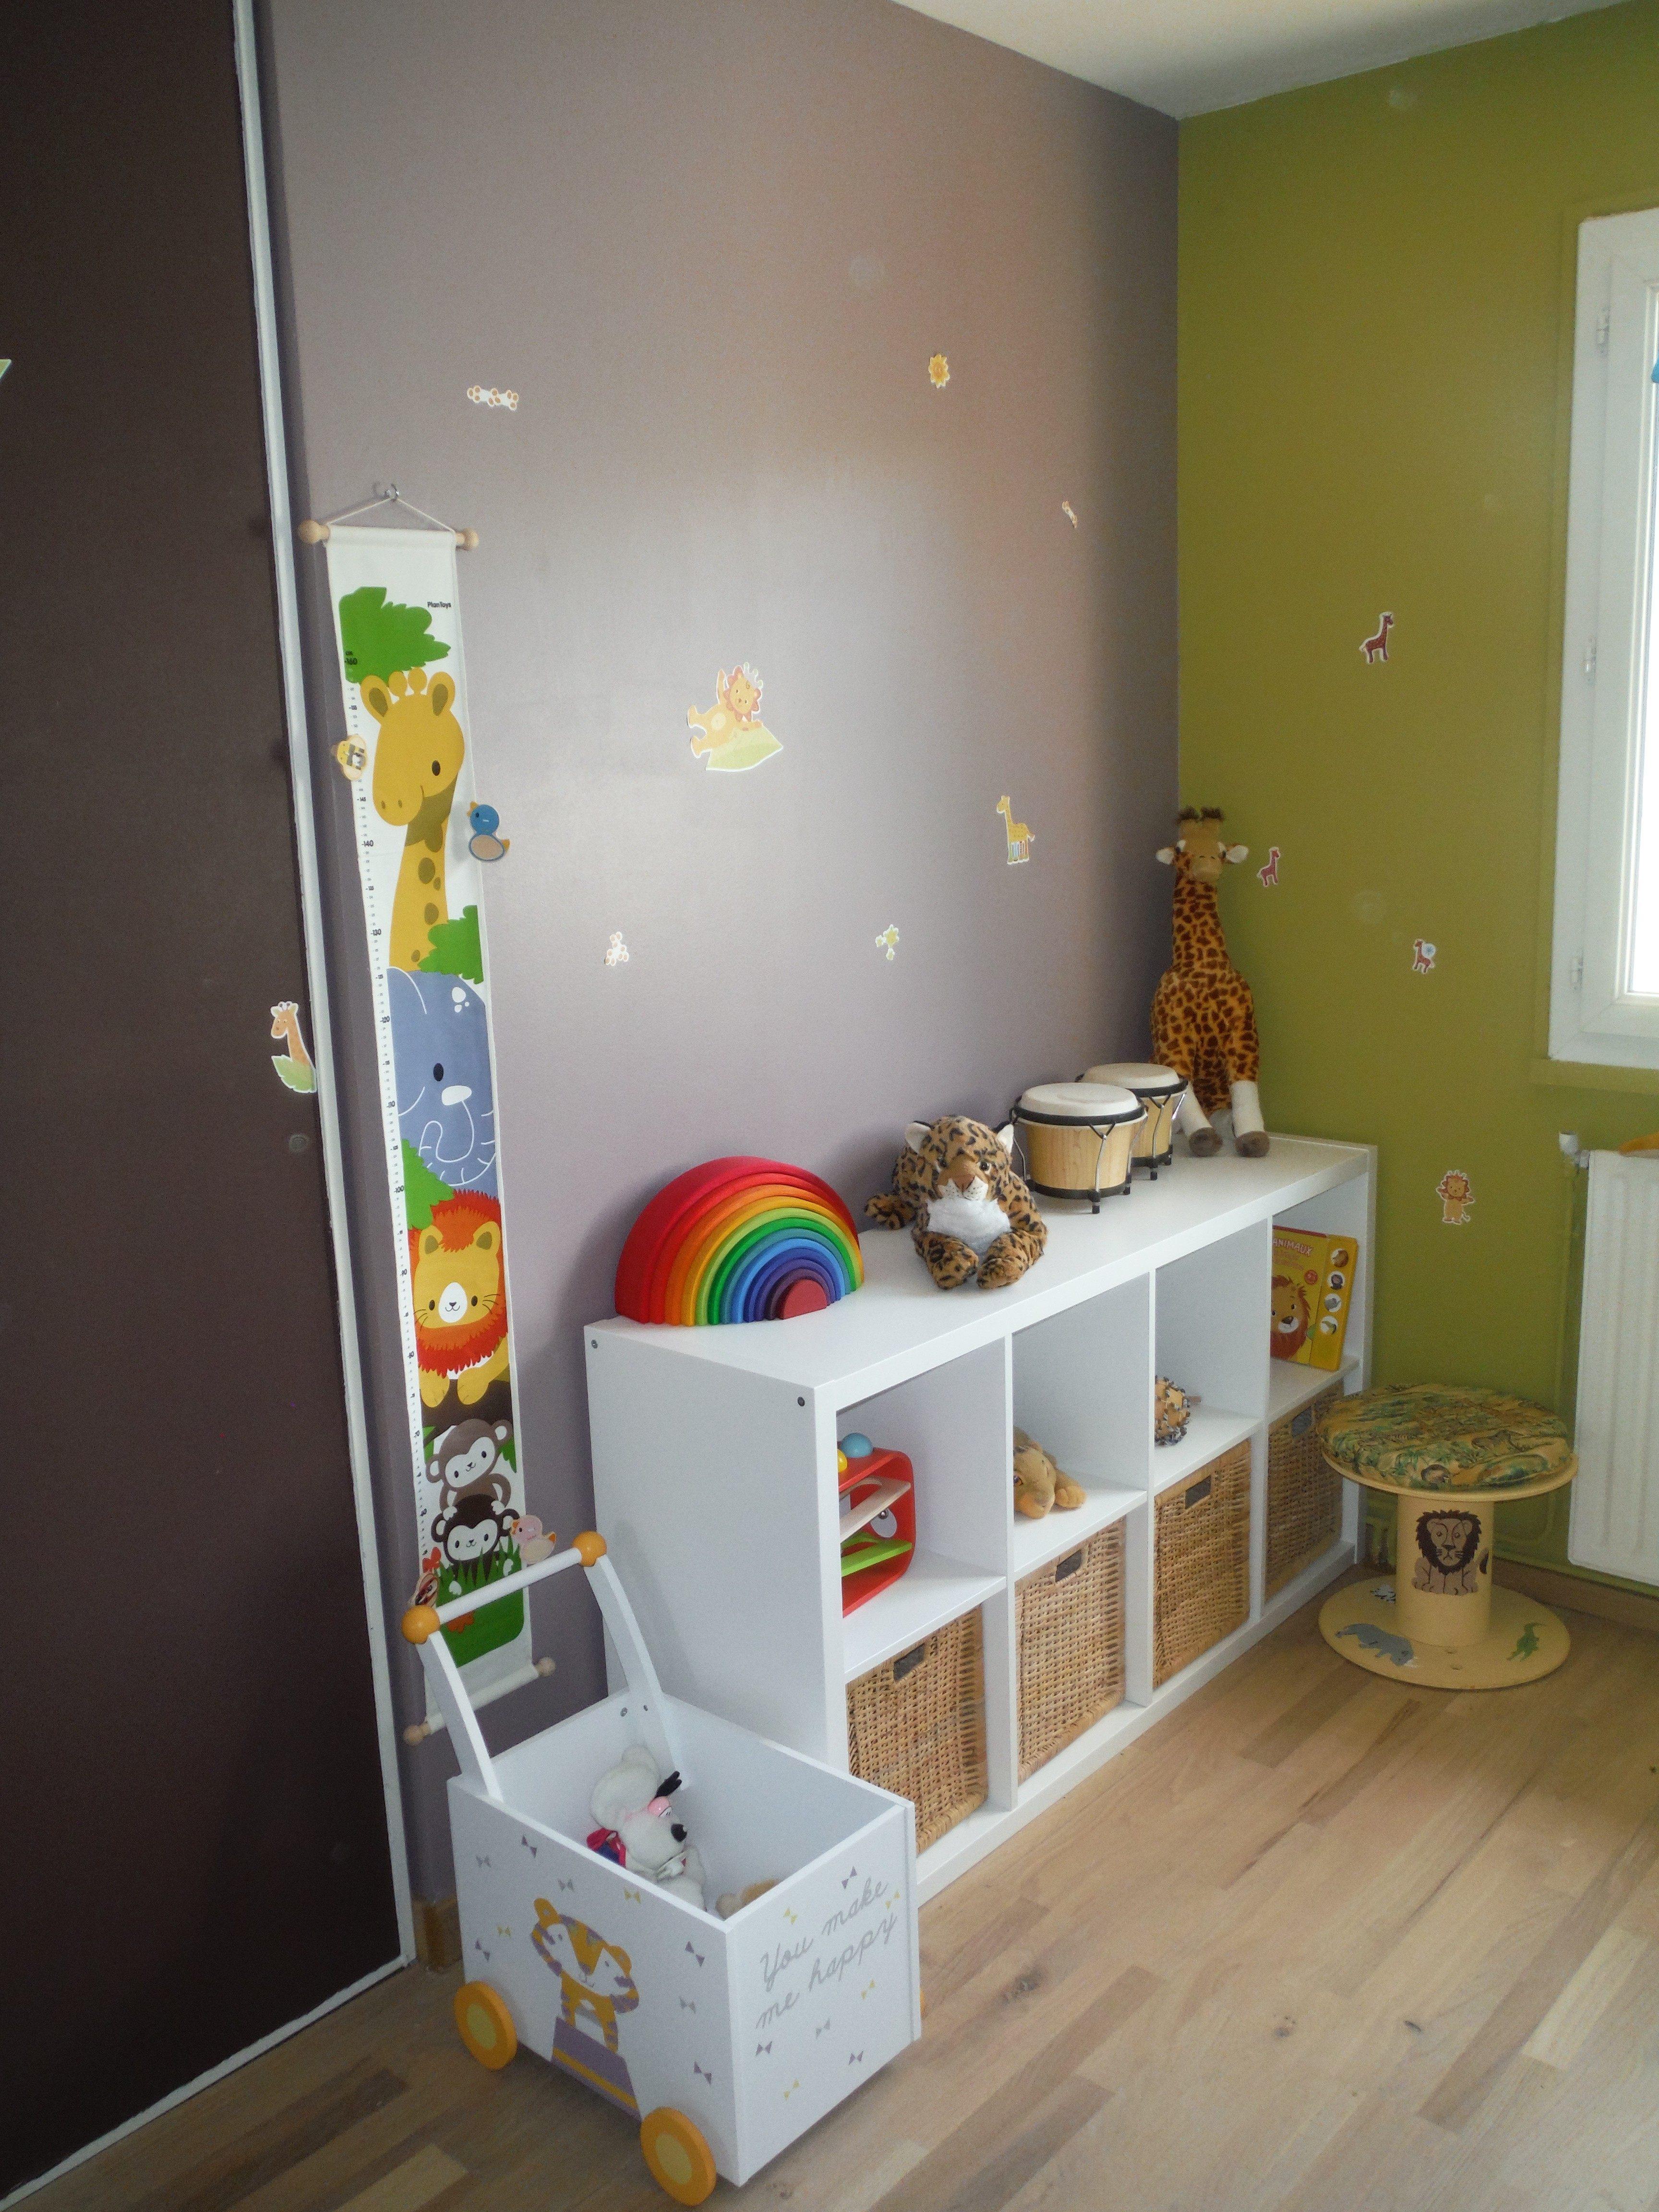 Quel Lit Pour Bébé 2 Ans Génial Chambre Bébé Montessori Unique Meuble Rangement Chambre Garcon 19 B